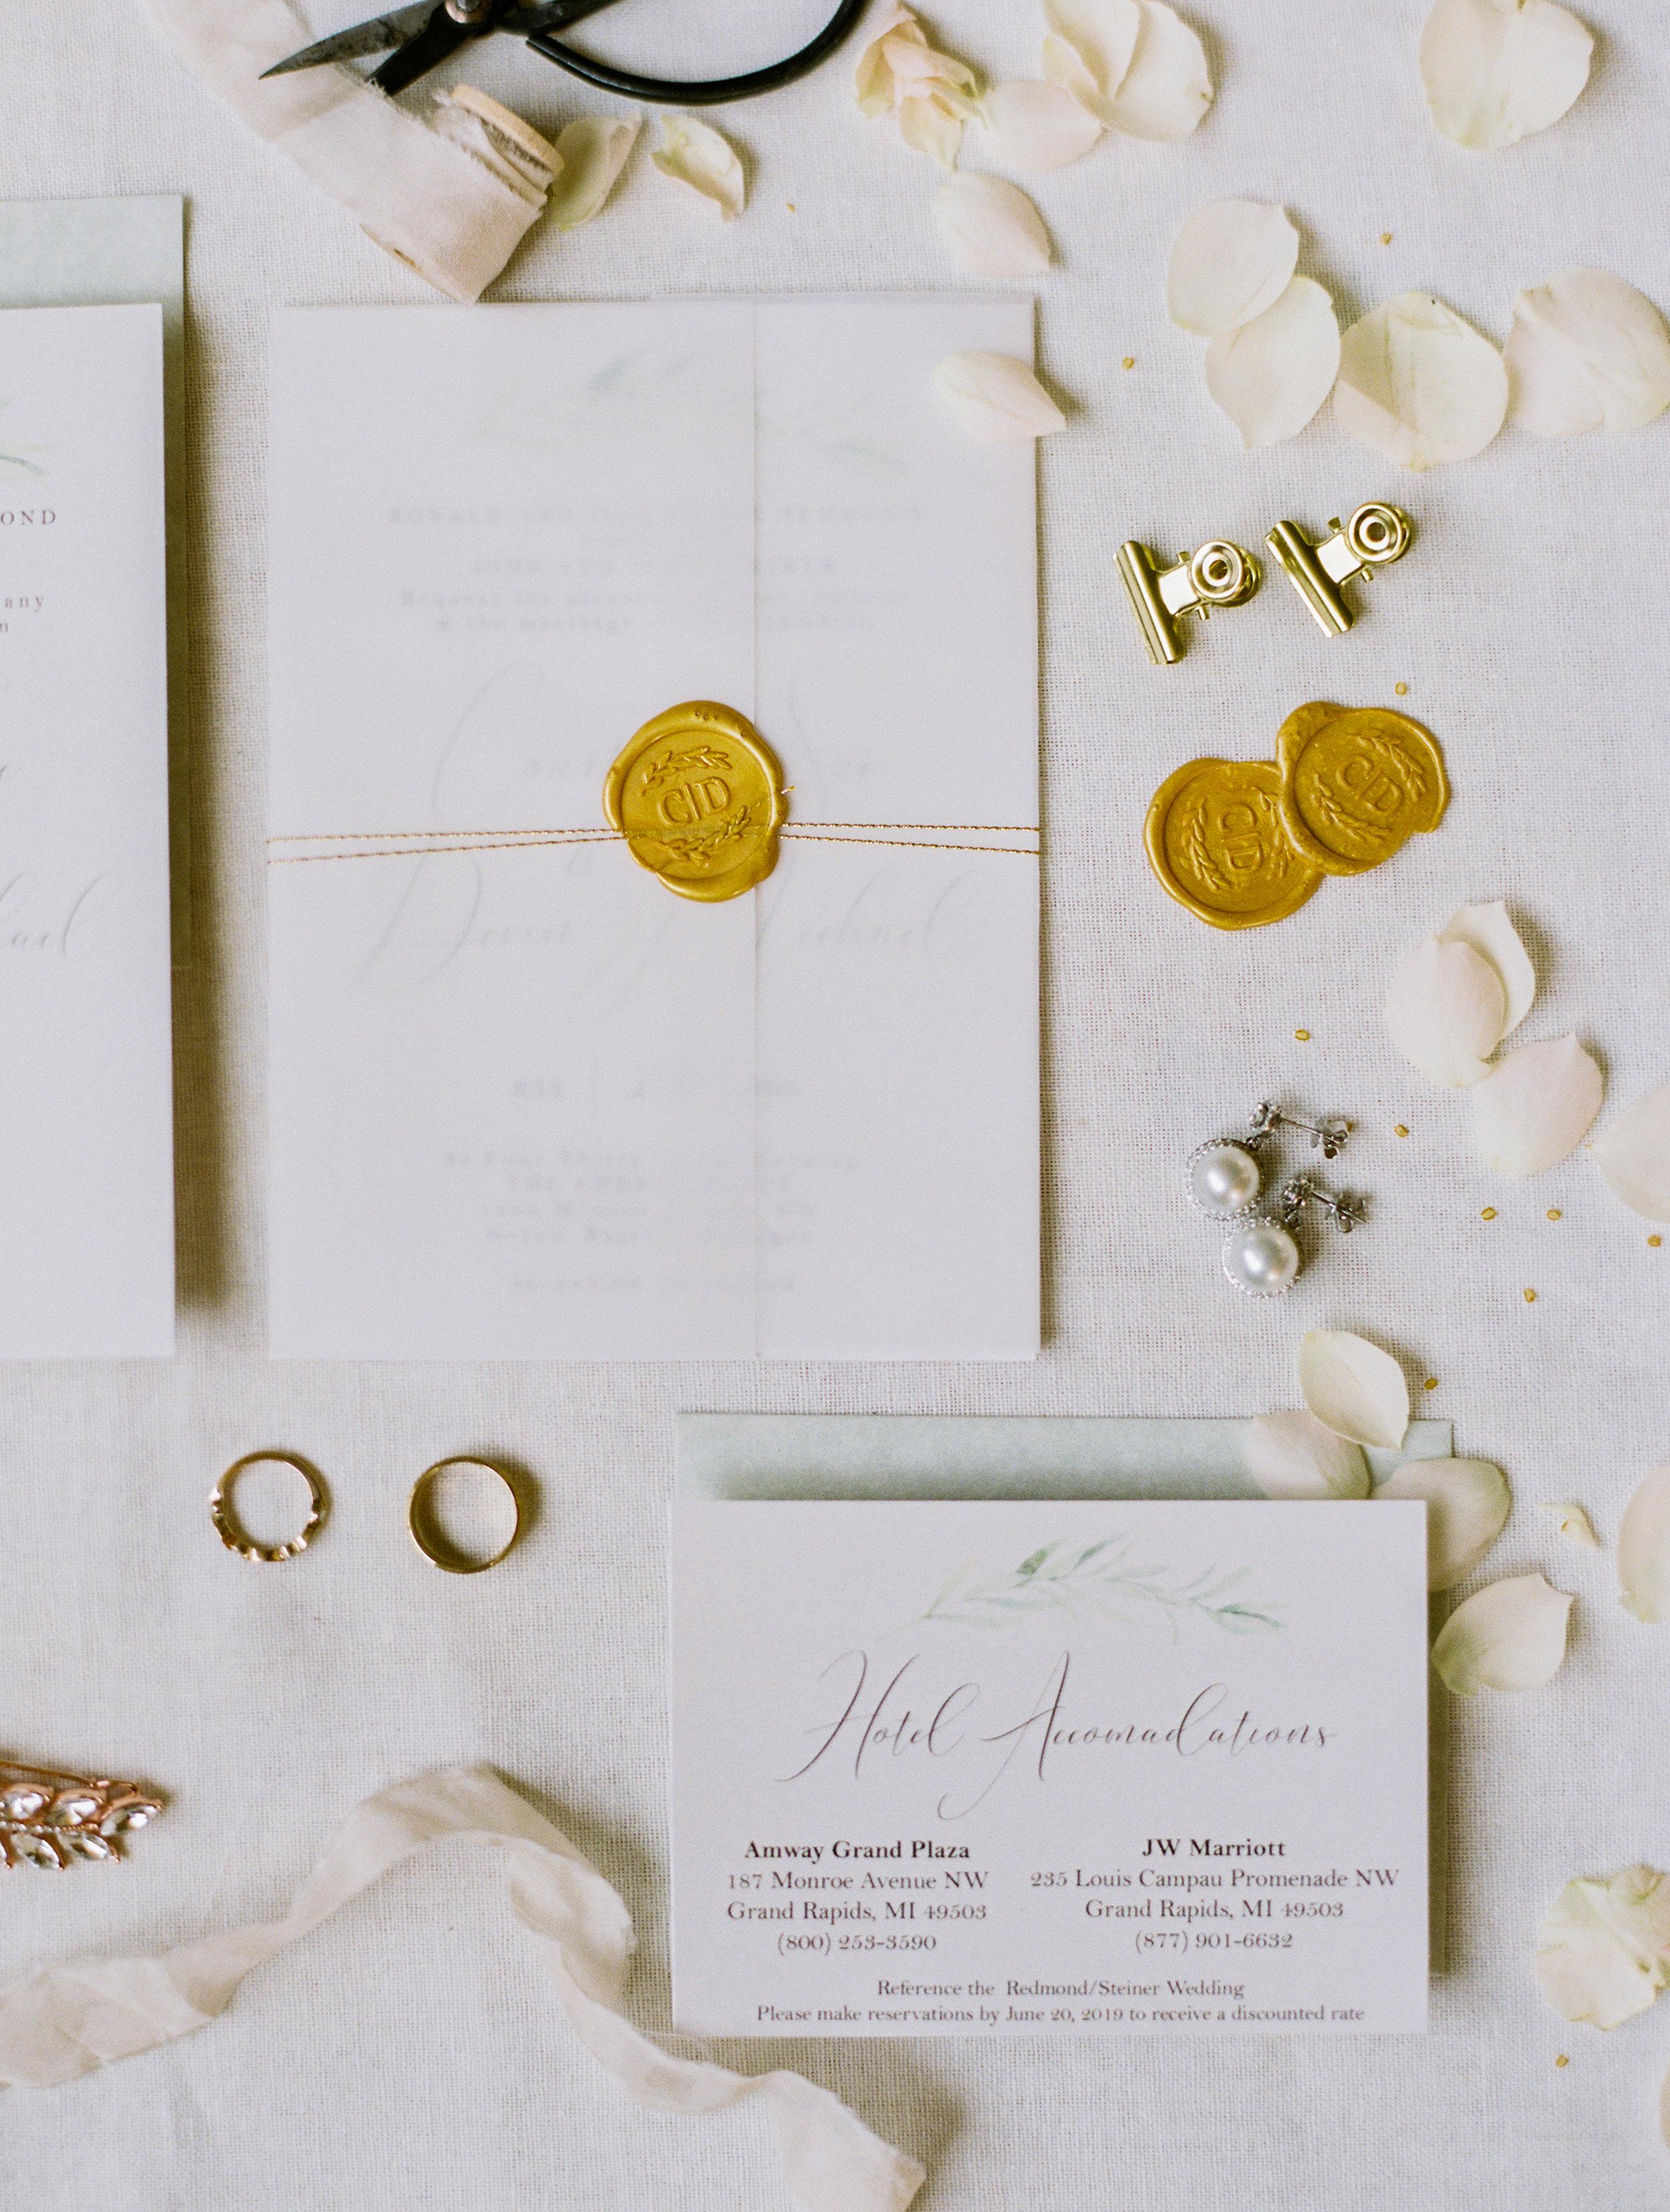 Steiner+Wedding+Details-49.jpg